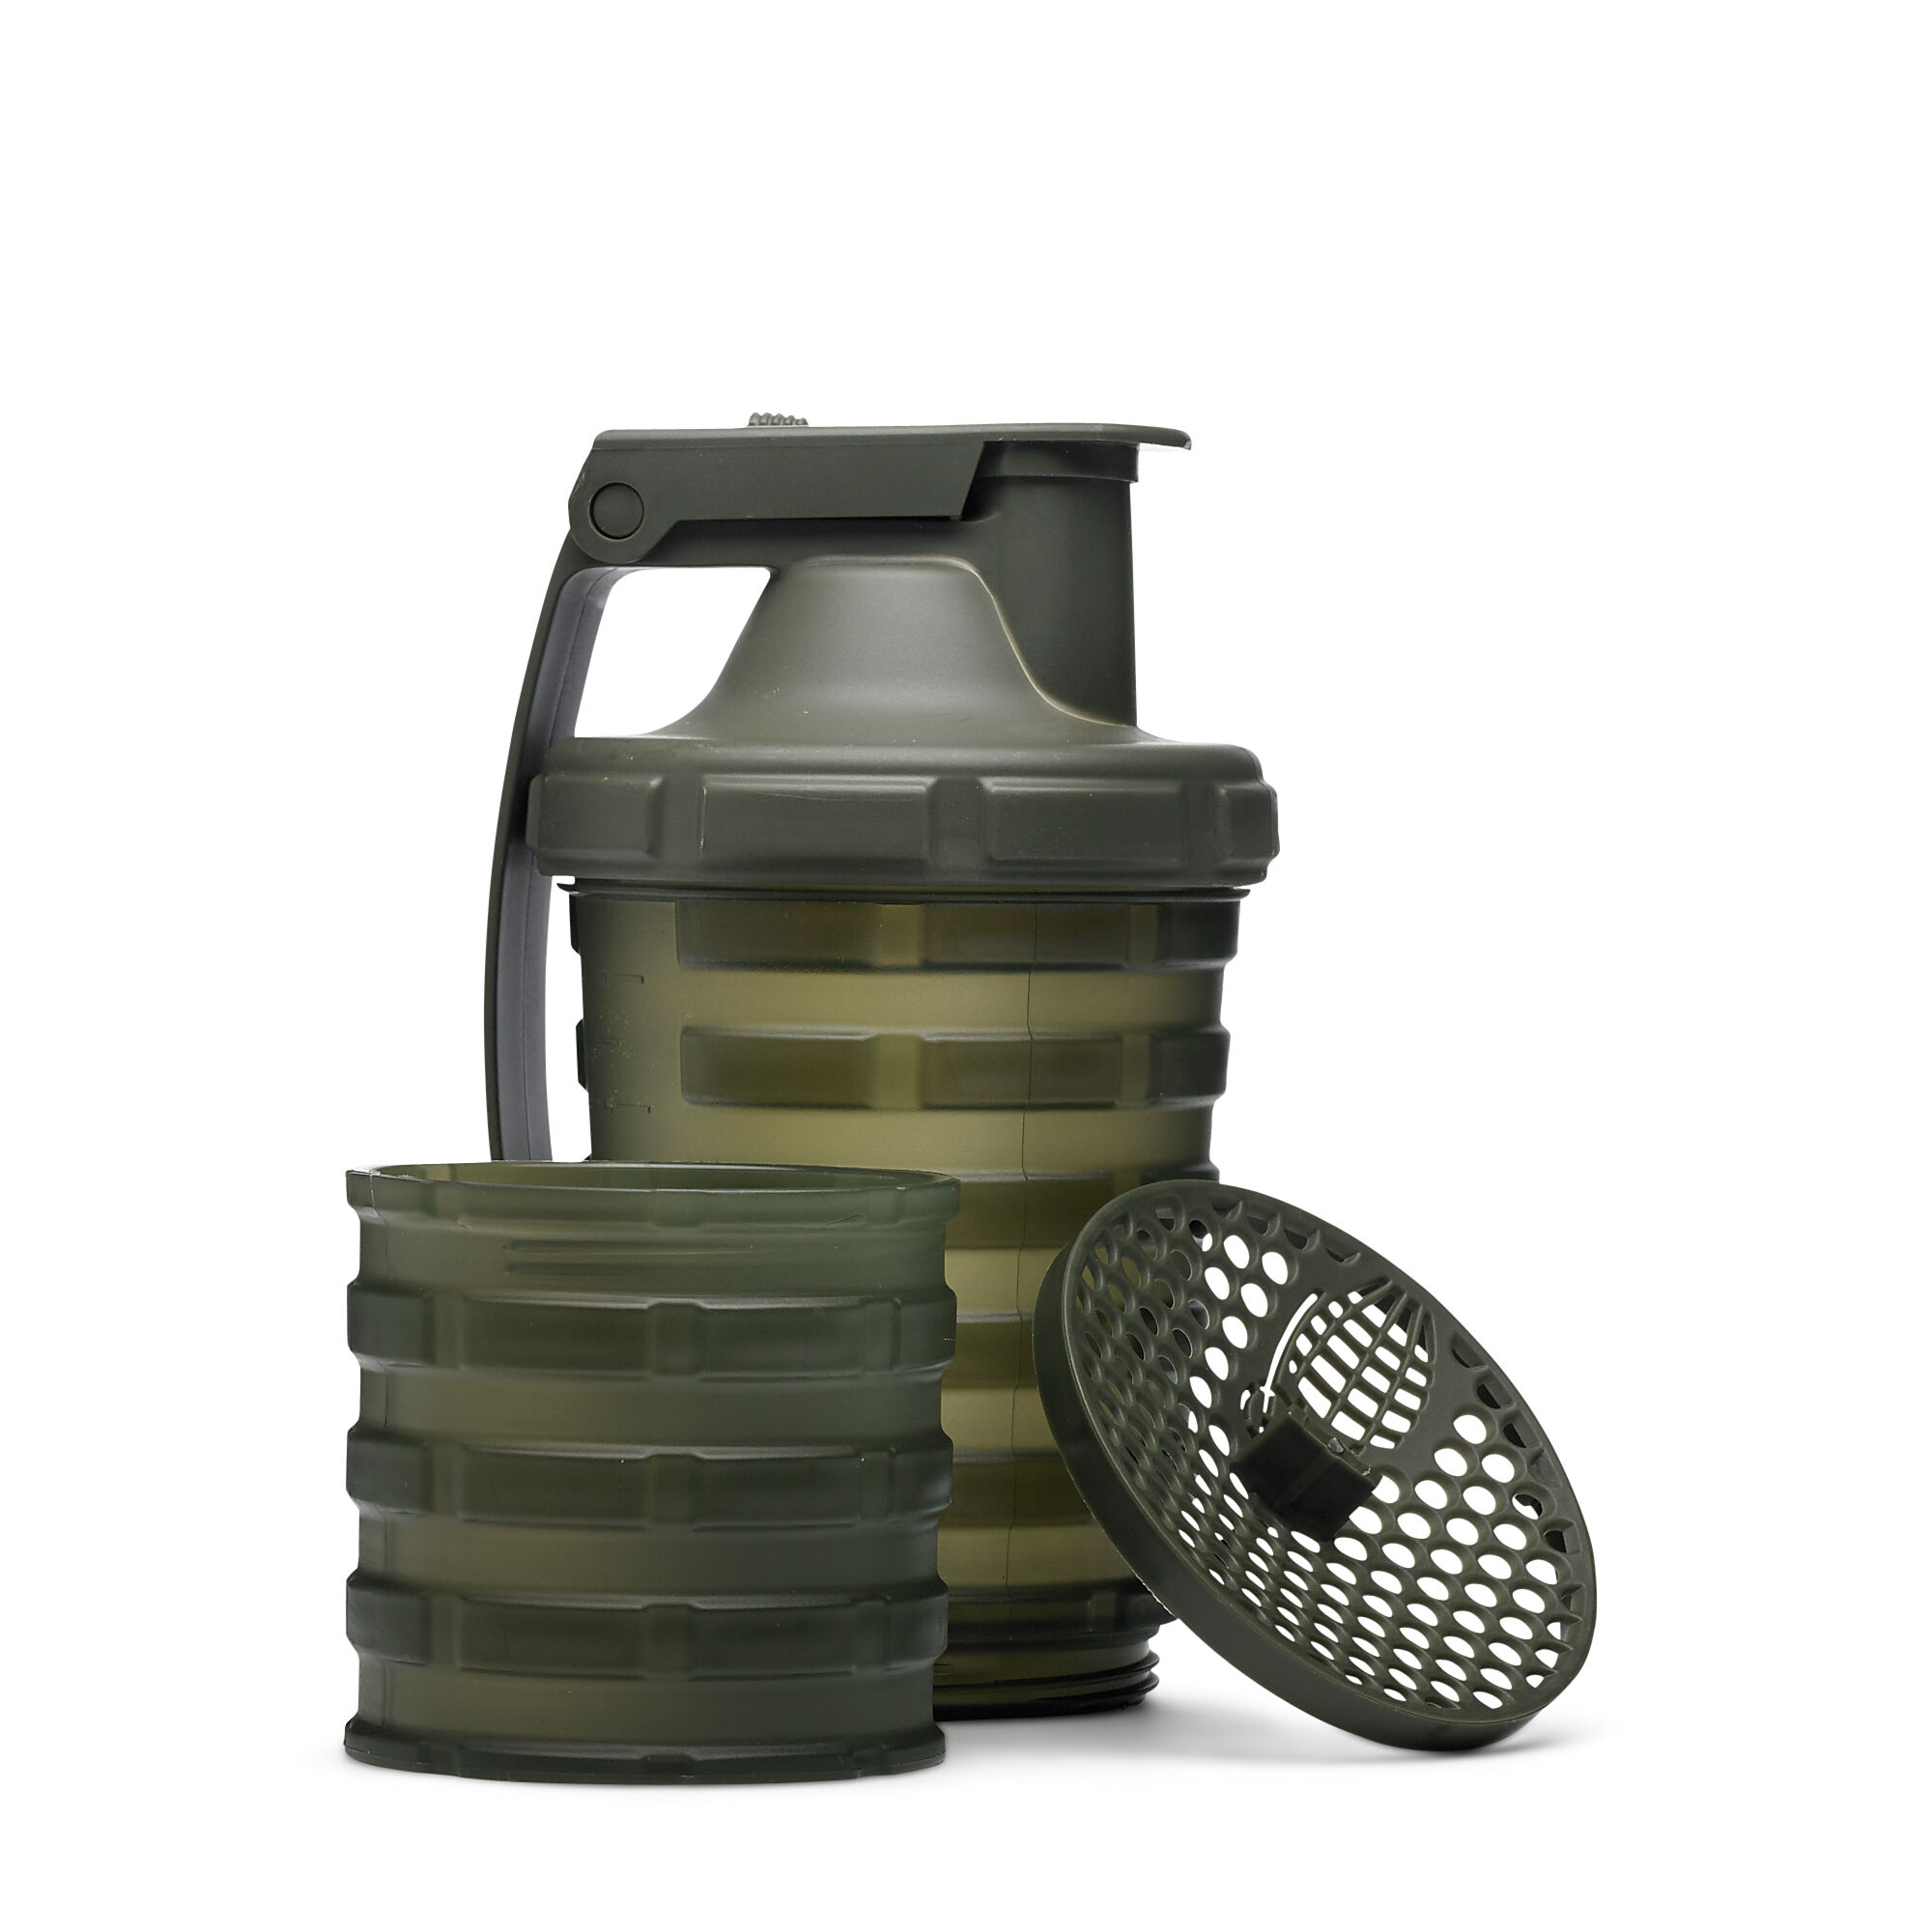 Shaker 1 Item GrenadeMixers Shakers And Bottles